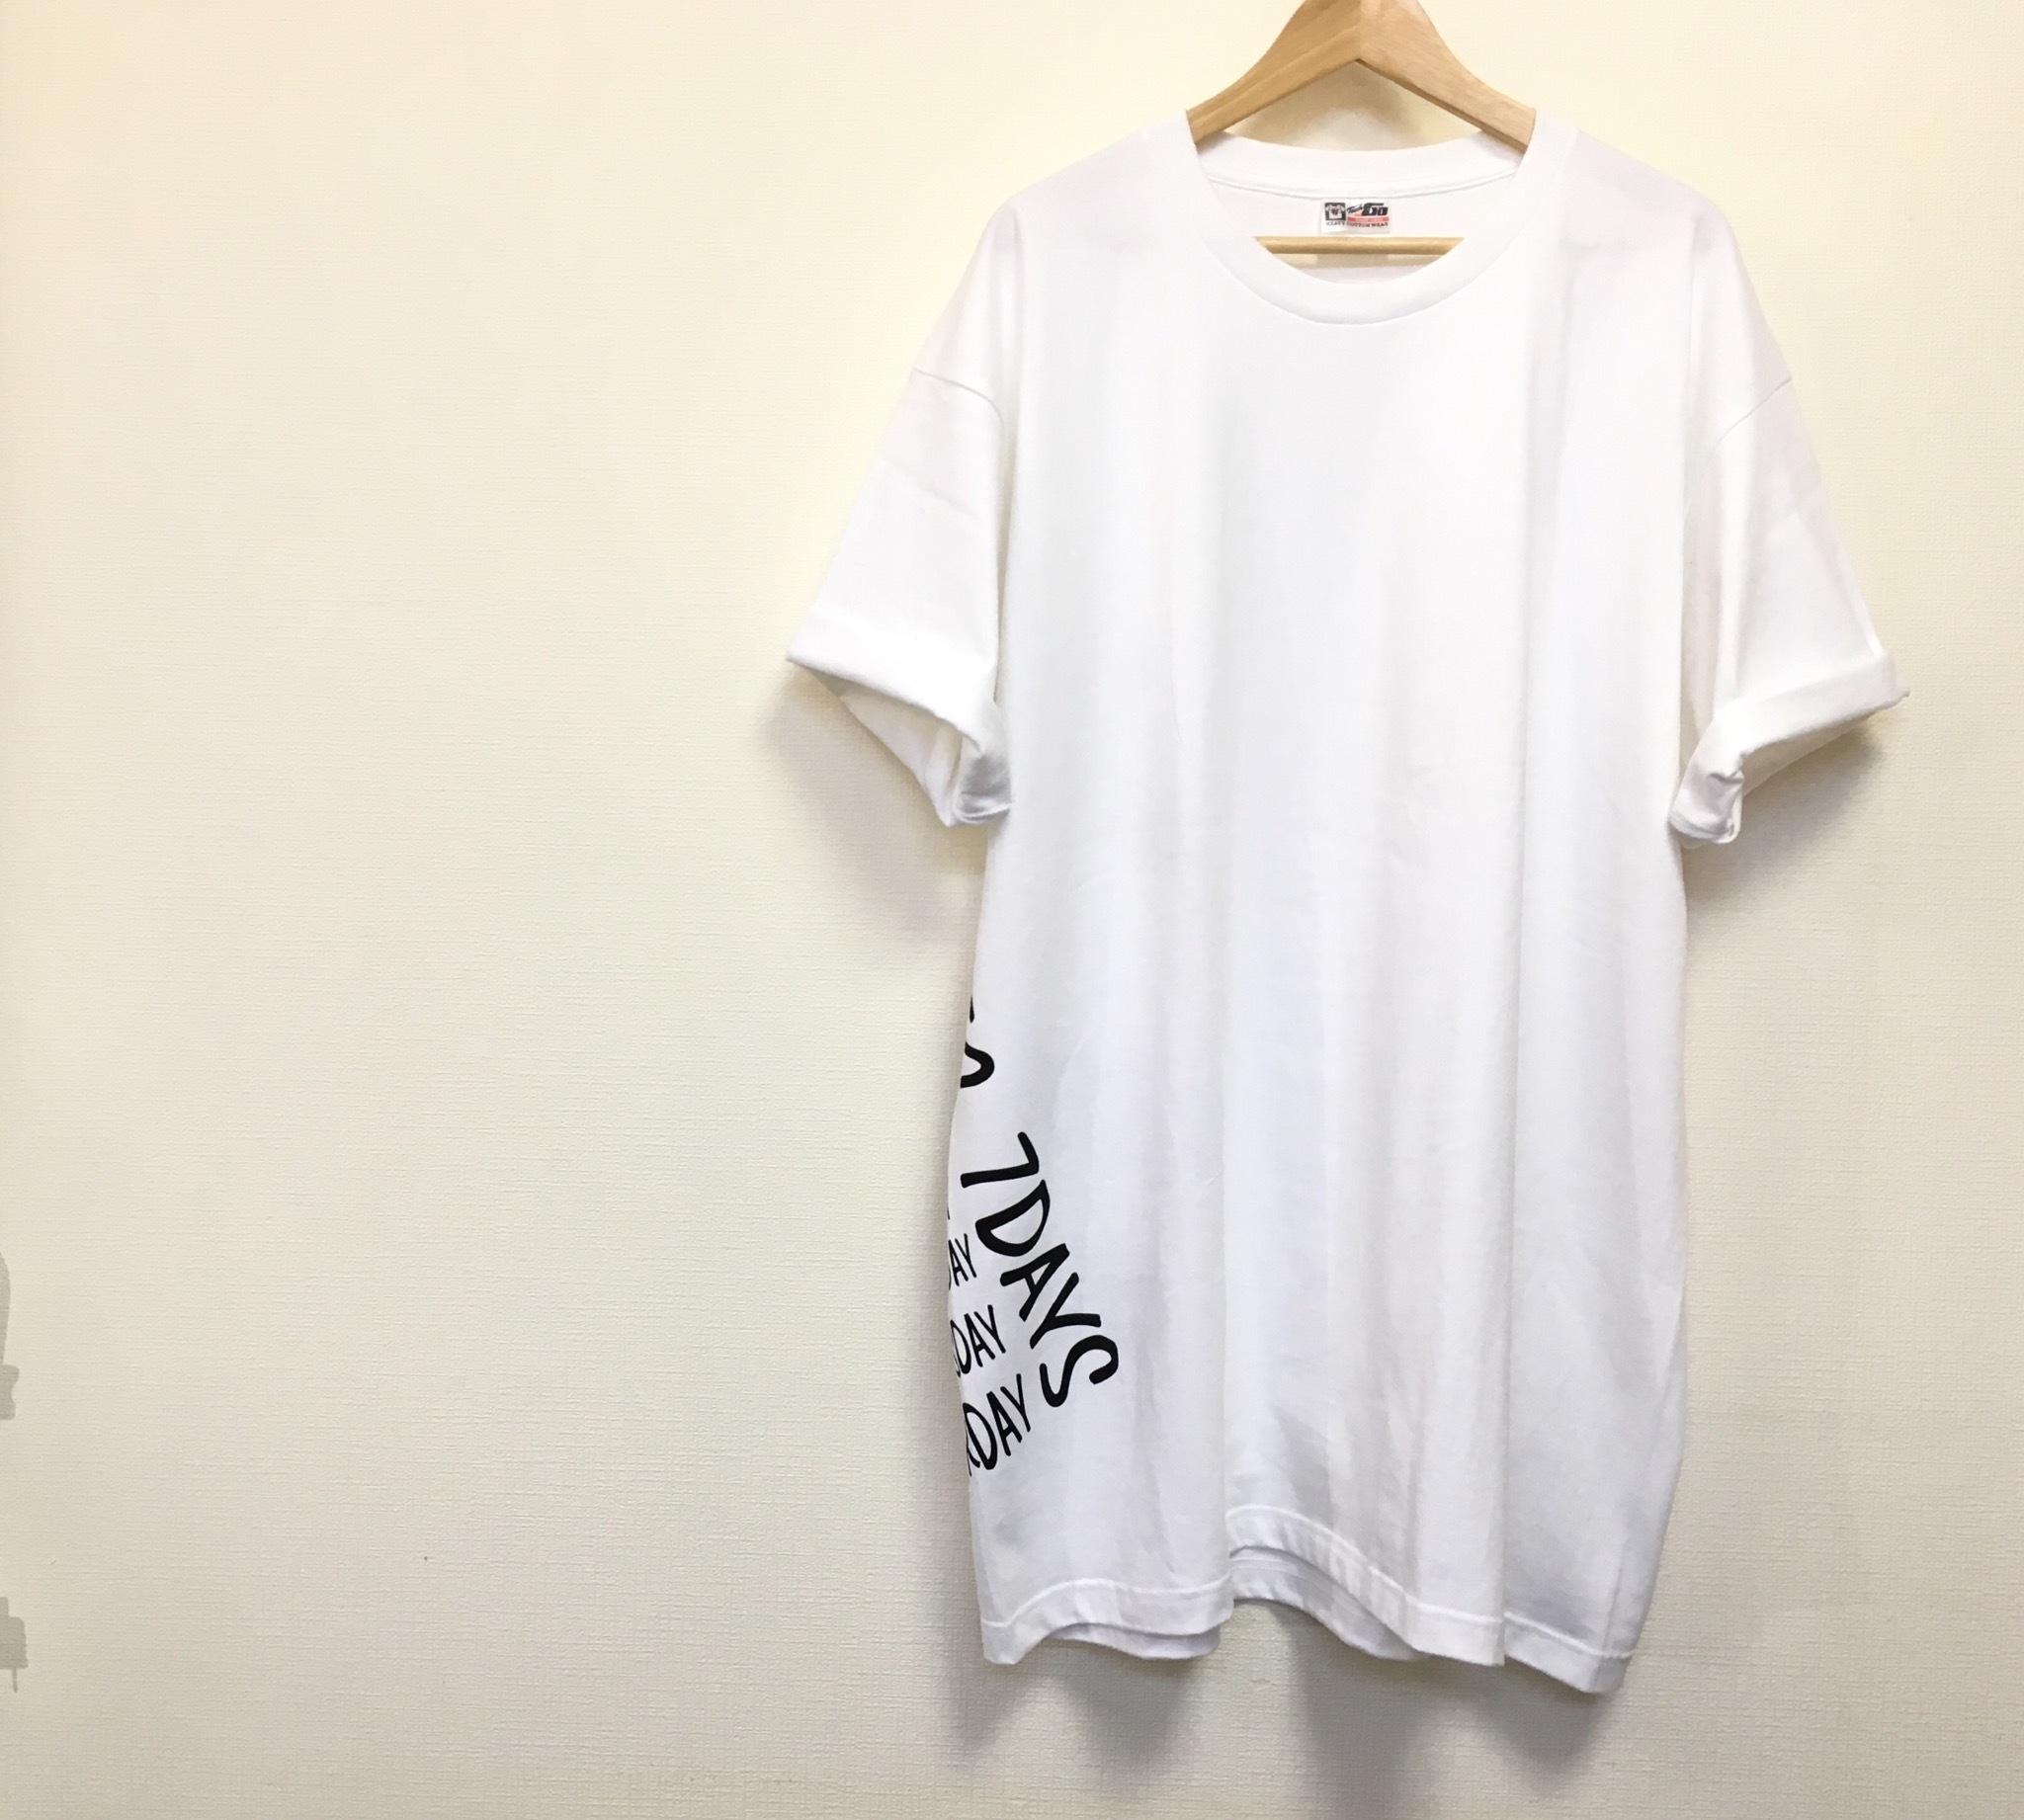 a62e866a6ed41 メンズ5XL!!着ると可愛い!超ビッグTシャツ(ホワイト)/ 白Tおしゃれ 大きいサイズ レディース オーバーサイズチュニック 男女兼用